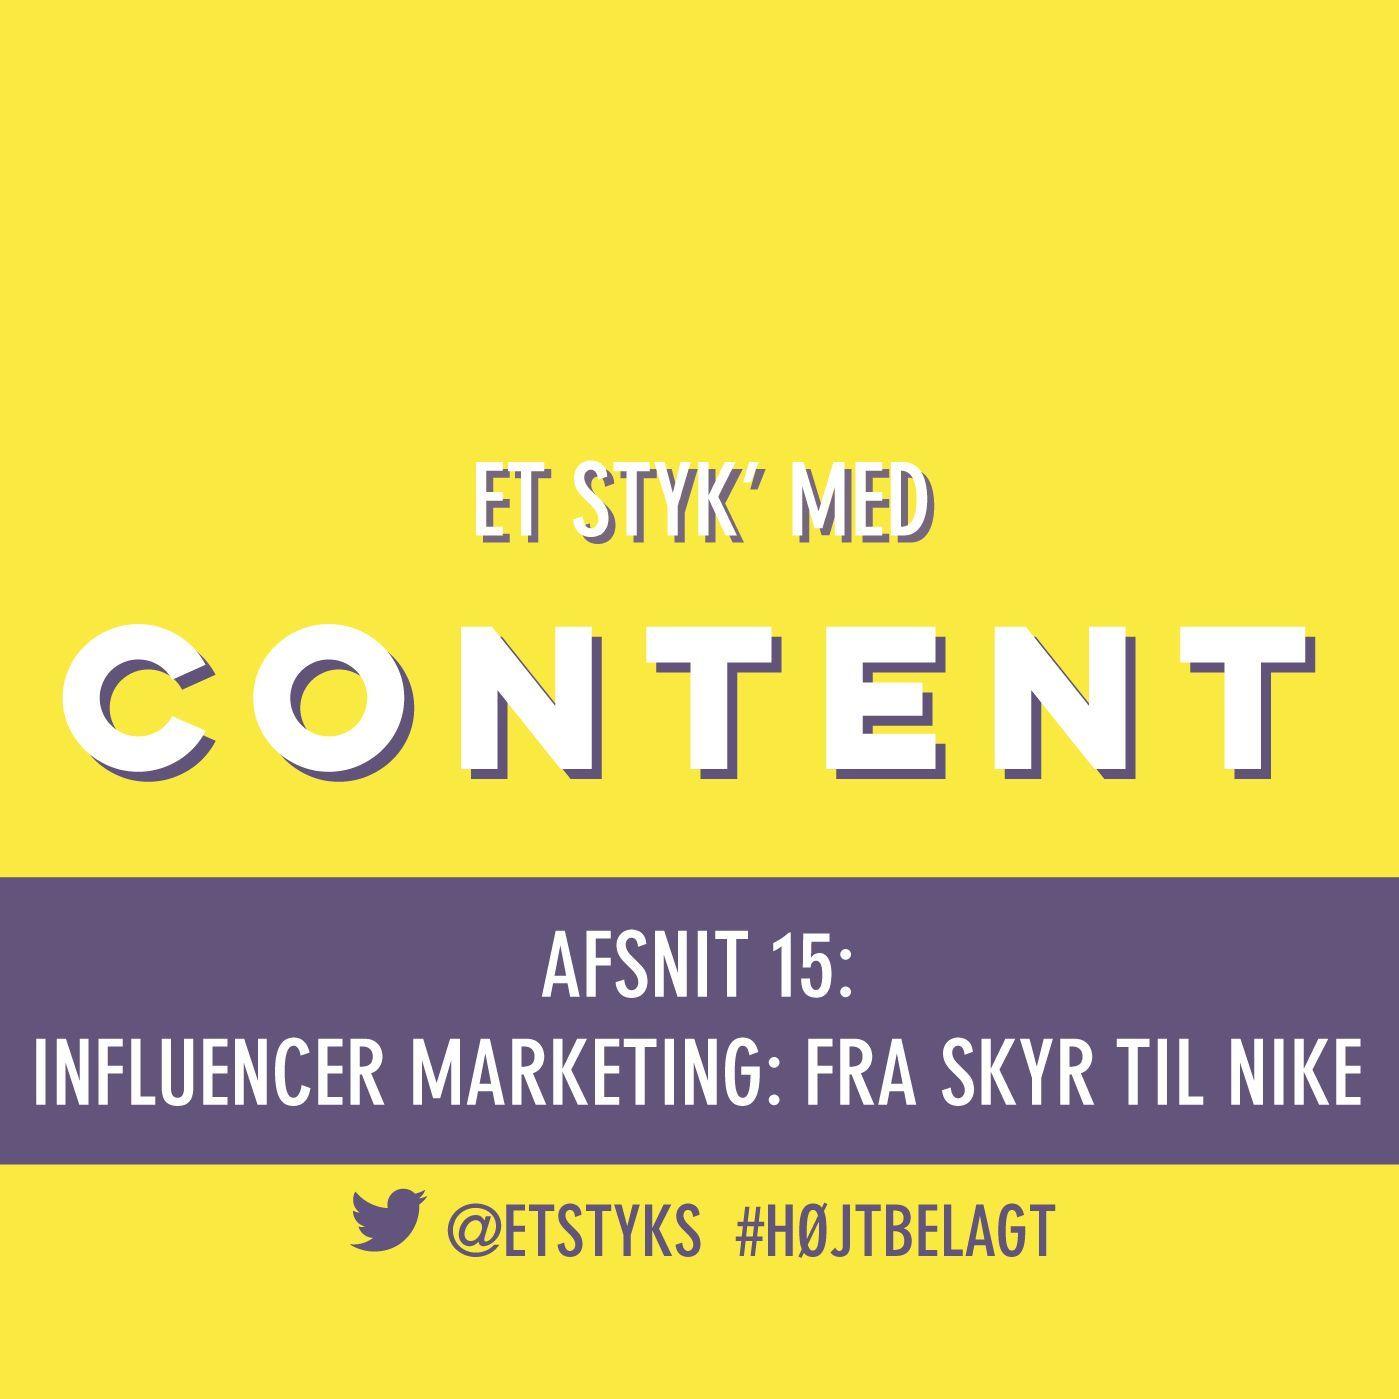 Afsnit 15: Influencer Marketing: Fra skyr til Nike